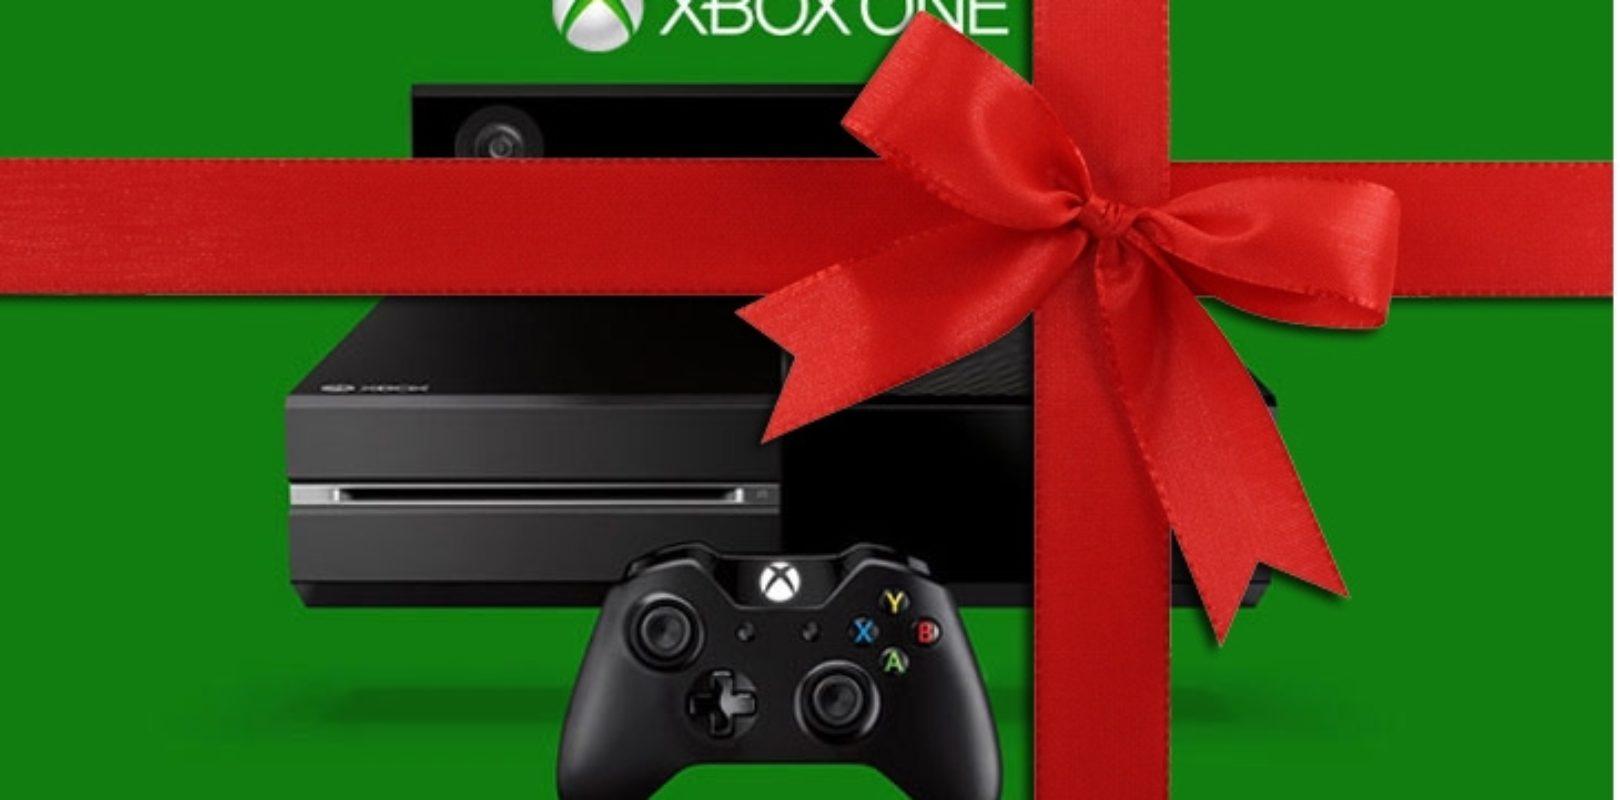 Guida Ai Regali Di Natale.Guida Ai Regali Di Natale Migliori Giochi Per Xbox One Nerdlog It